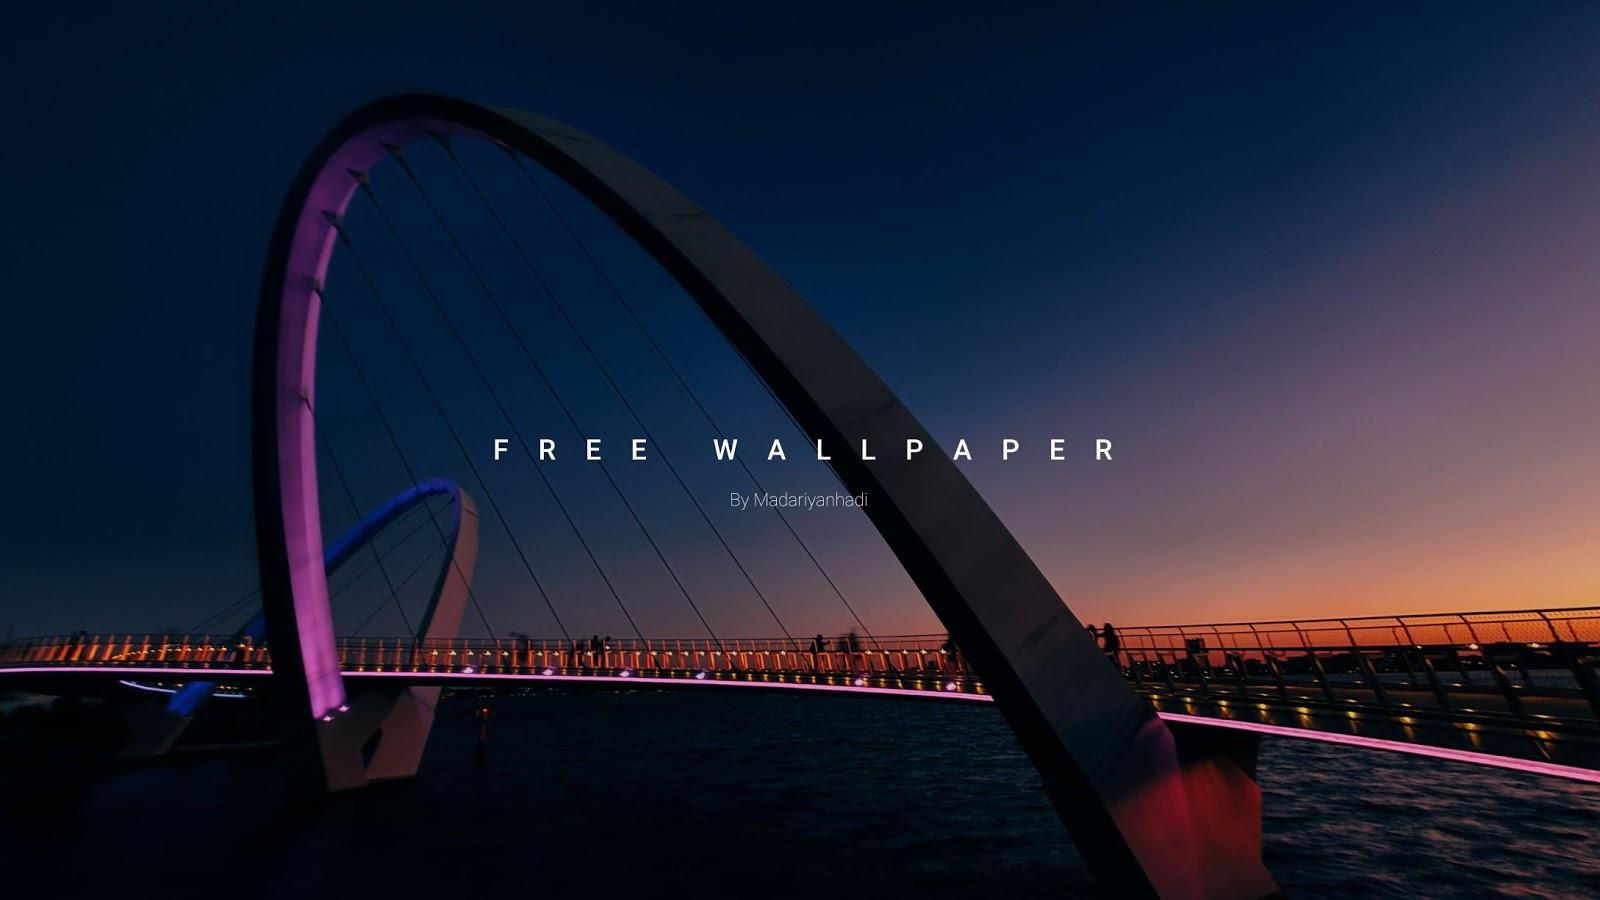 Download Wallpaper HP Dari Mada Riyanhadi Free